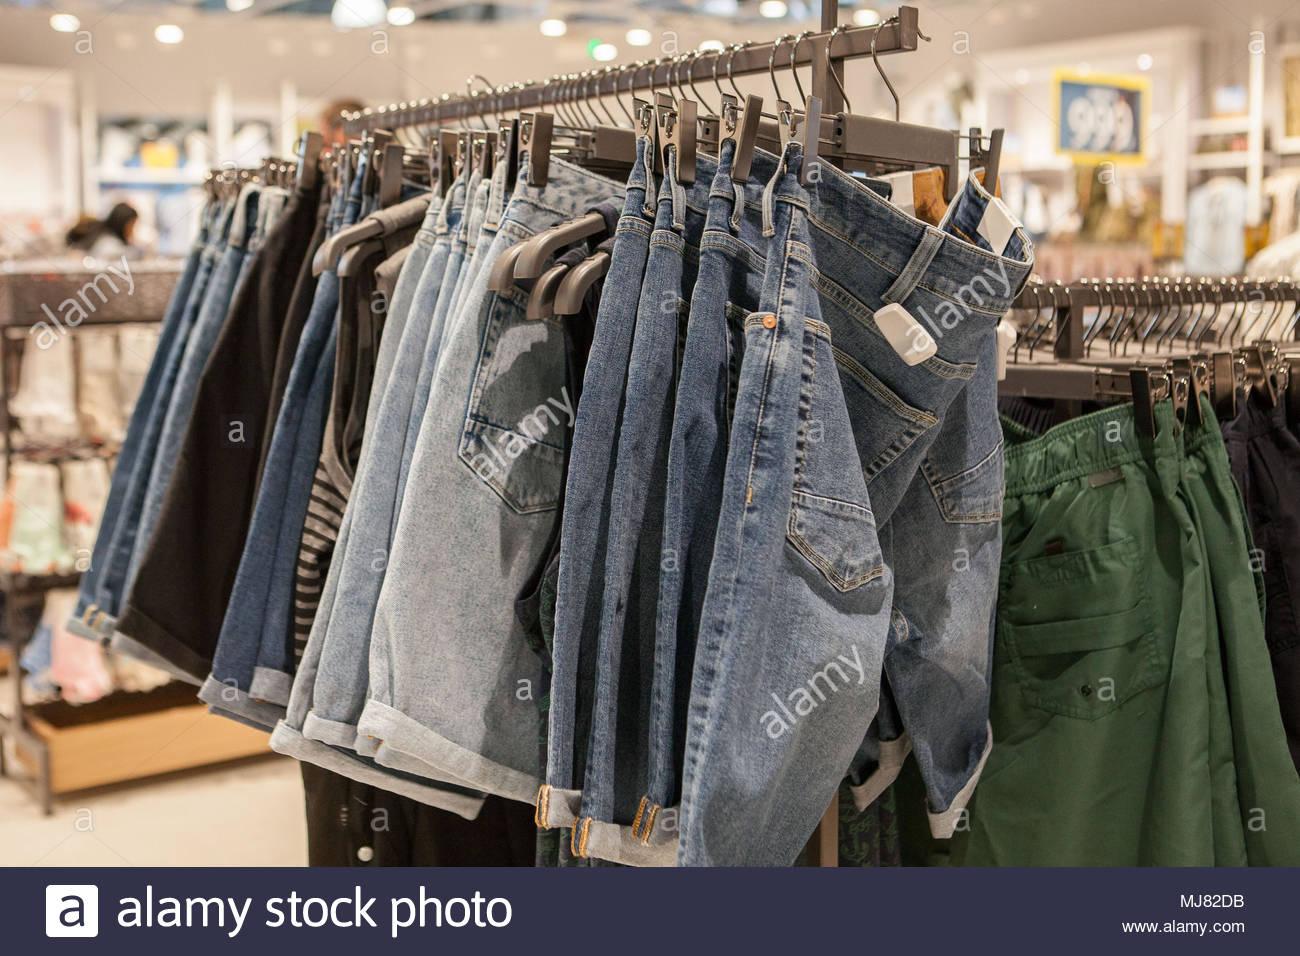 Full Size of Regal Für Kleidung Jeans Shorts Im Modische Auf Den Regalen Store Schulte Regale Obi Badezimmer Cd Buche Raumteiler Fliegengitter Fenster Glasregal Bad Ordner Regal Regal Für Kleidung